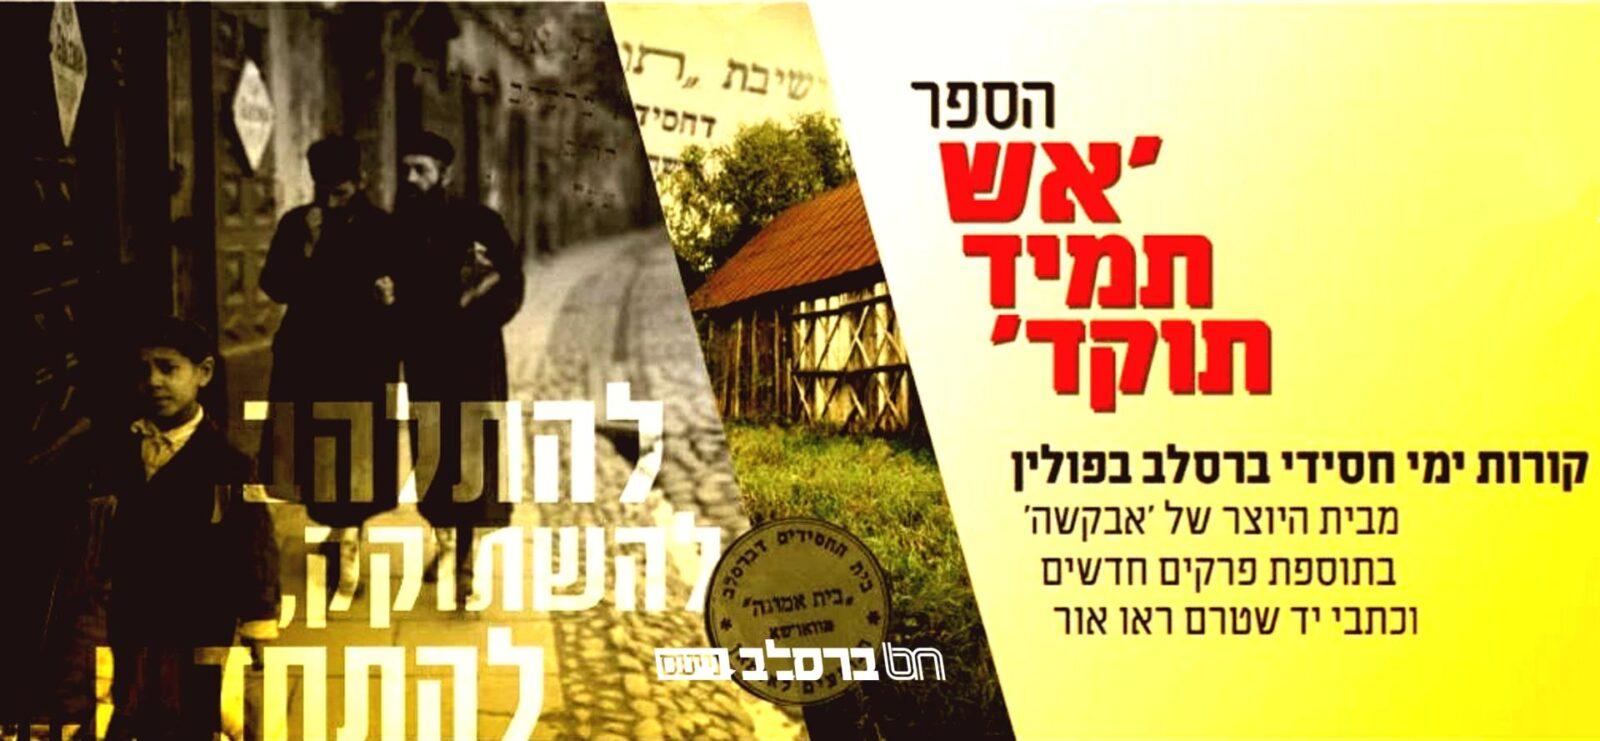 """התחדשות בעולמה של ברסלב: הסופר הברסלבאי הרב דוד דגן מגיש ספר היסטורי """"אש תמיד תוקד"""""""